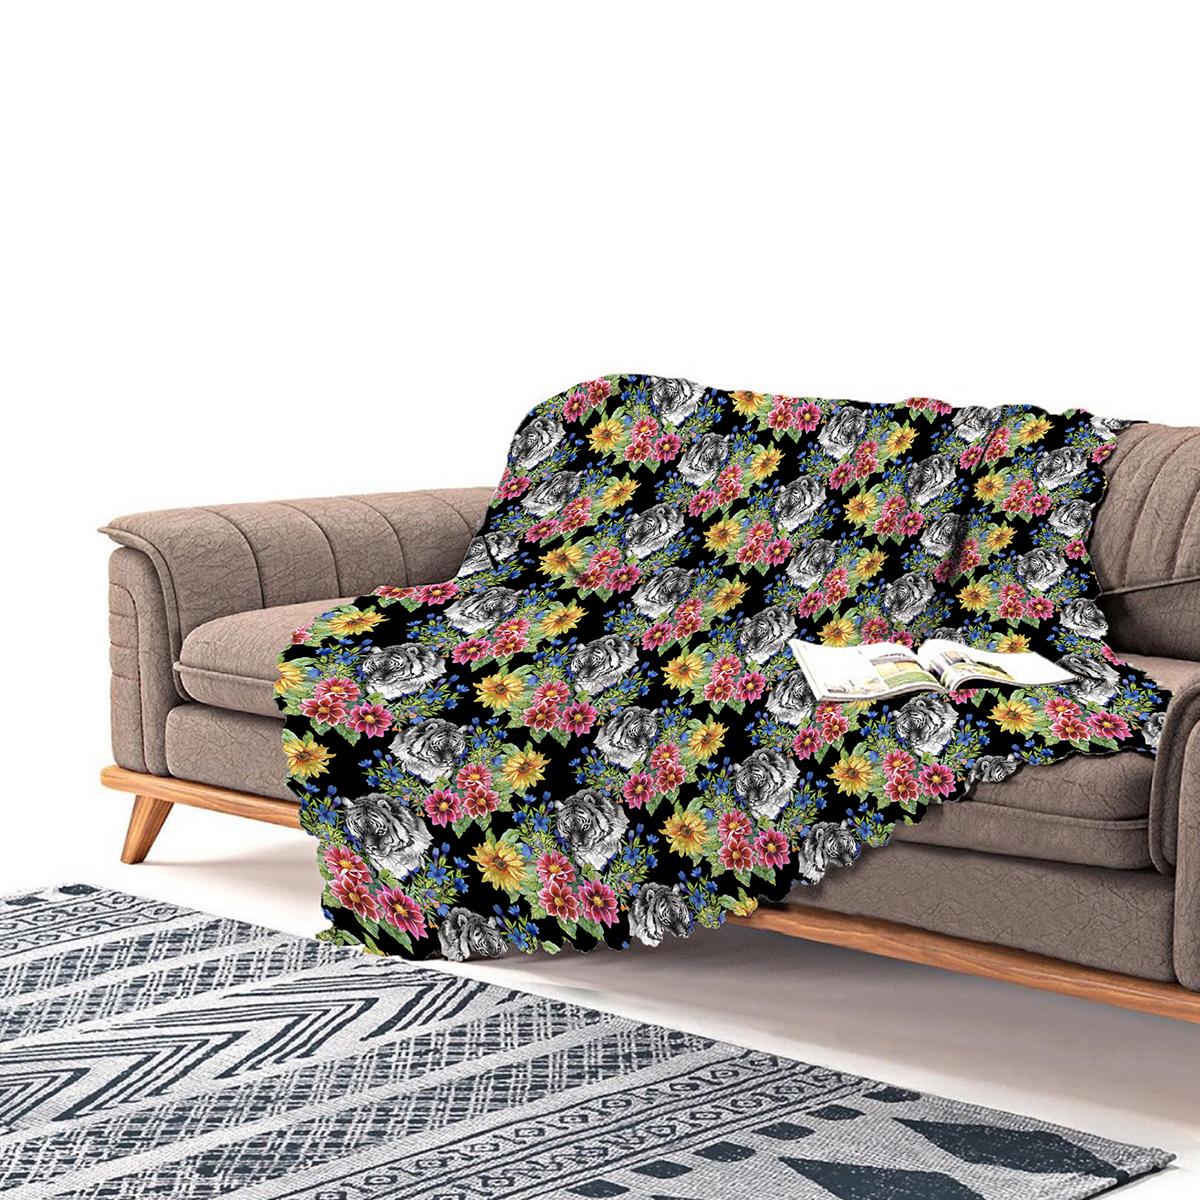 Realhomes Siyah Zeminde Leopar Ve Çiçekler Özel Tasarım Şönil Koltuk Şalı Realhomes